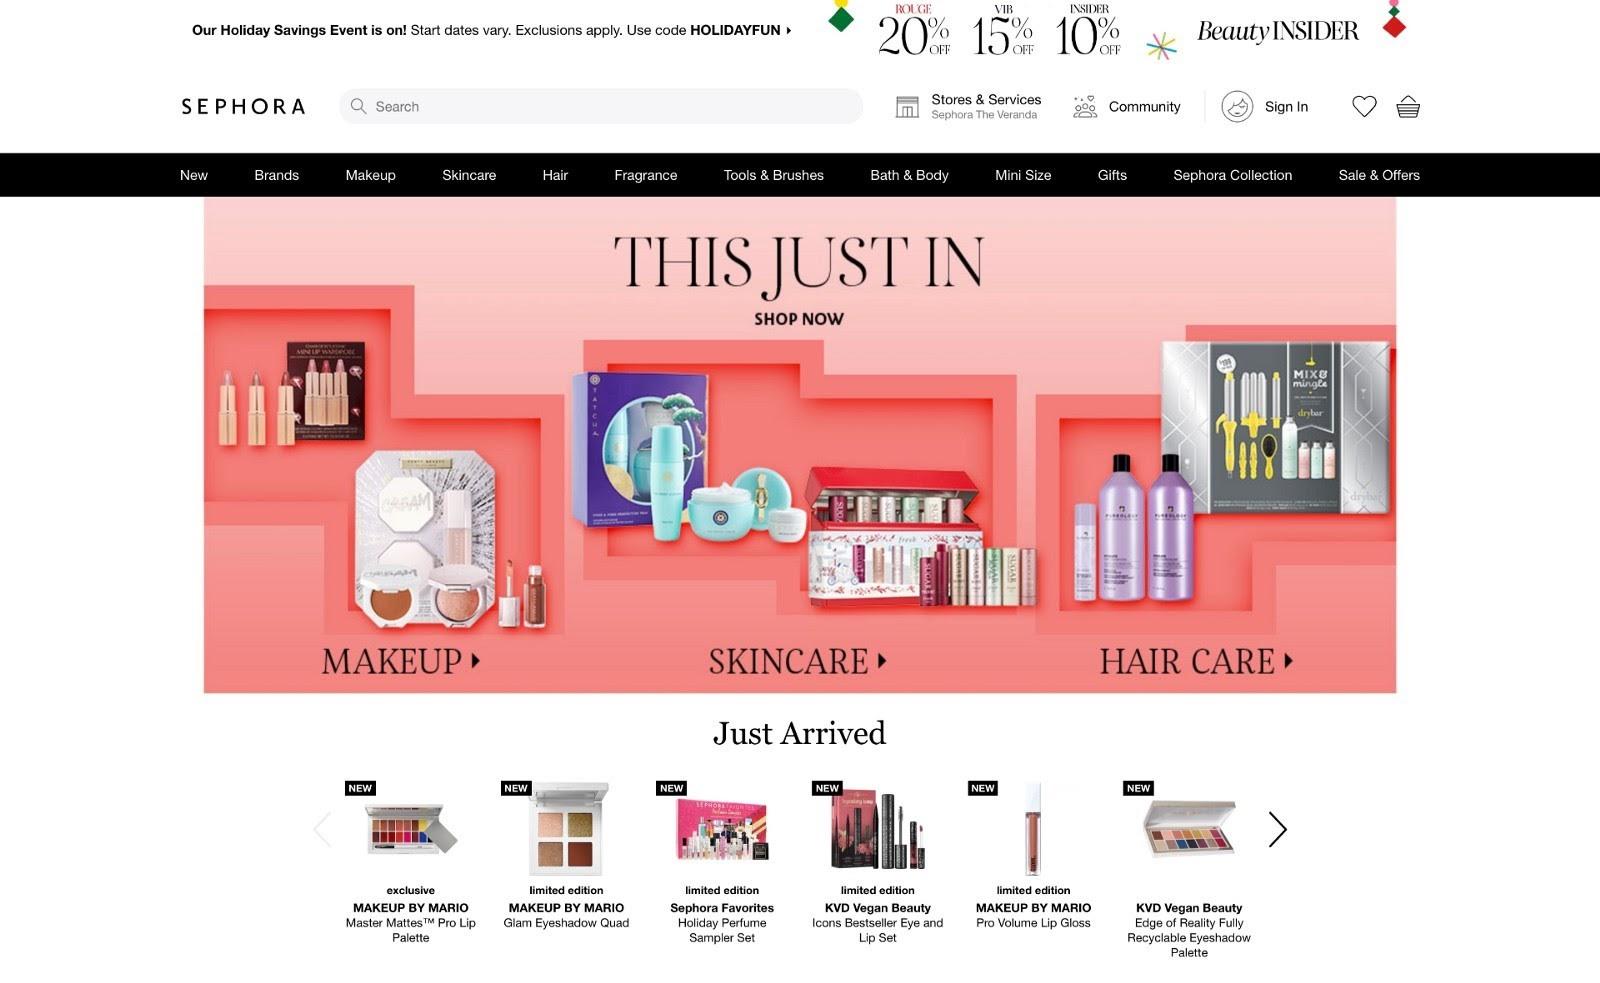 An eCommerce website (Sephora.com)